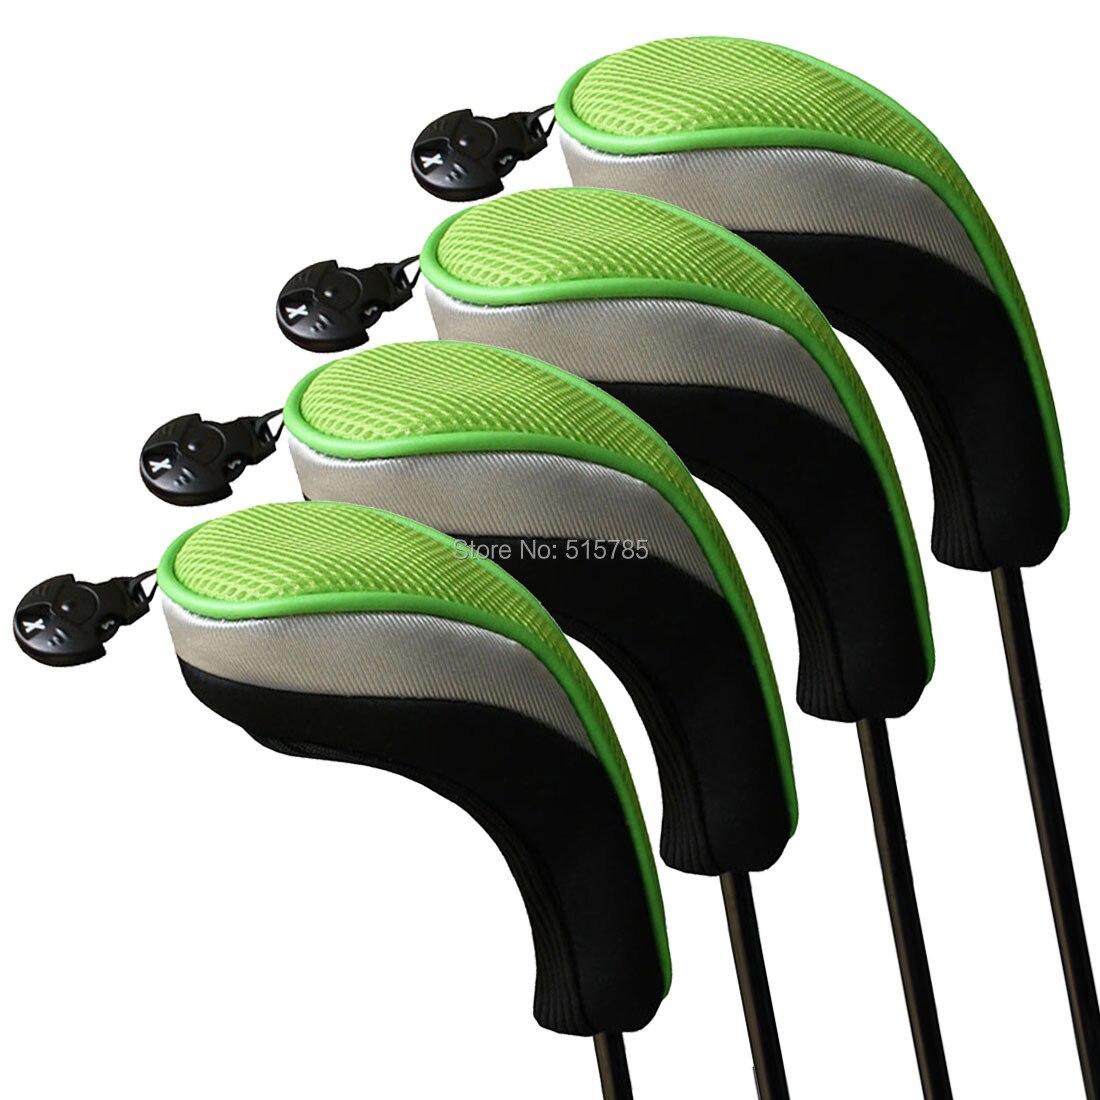 4 pcs/ensemble Andux Golf Accessoires Hybride Couvre La Tête Interchangeable Non Tag 3 4 5 7 X Golf Club Couvre